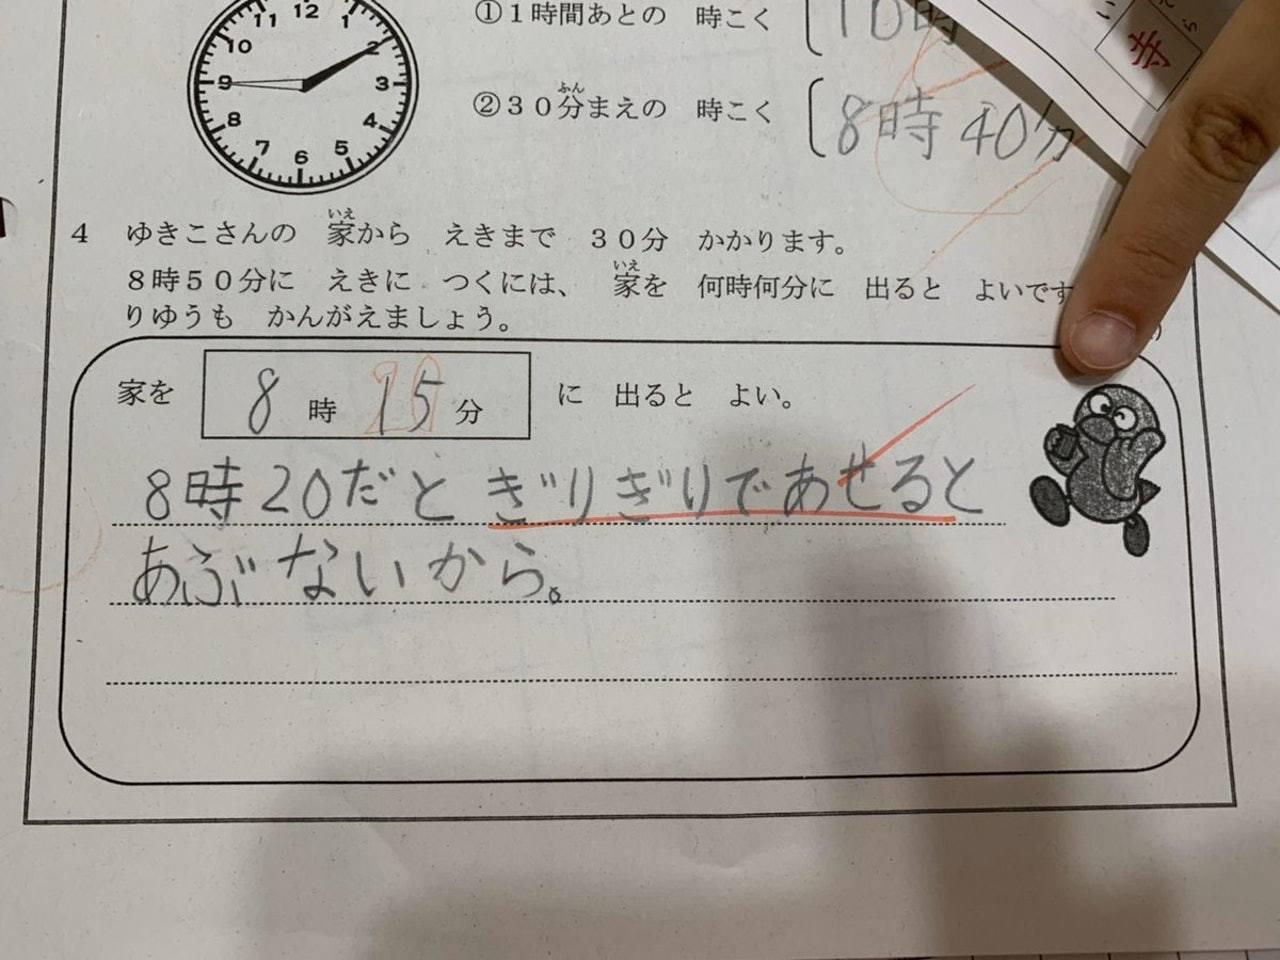 日本一名媽媽日前分享小二女兒的數學作業答題,題目問及一個關於時間的應用題,女兒雖...